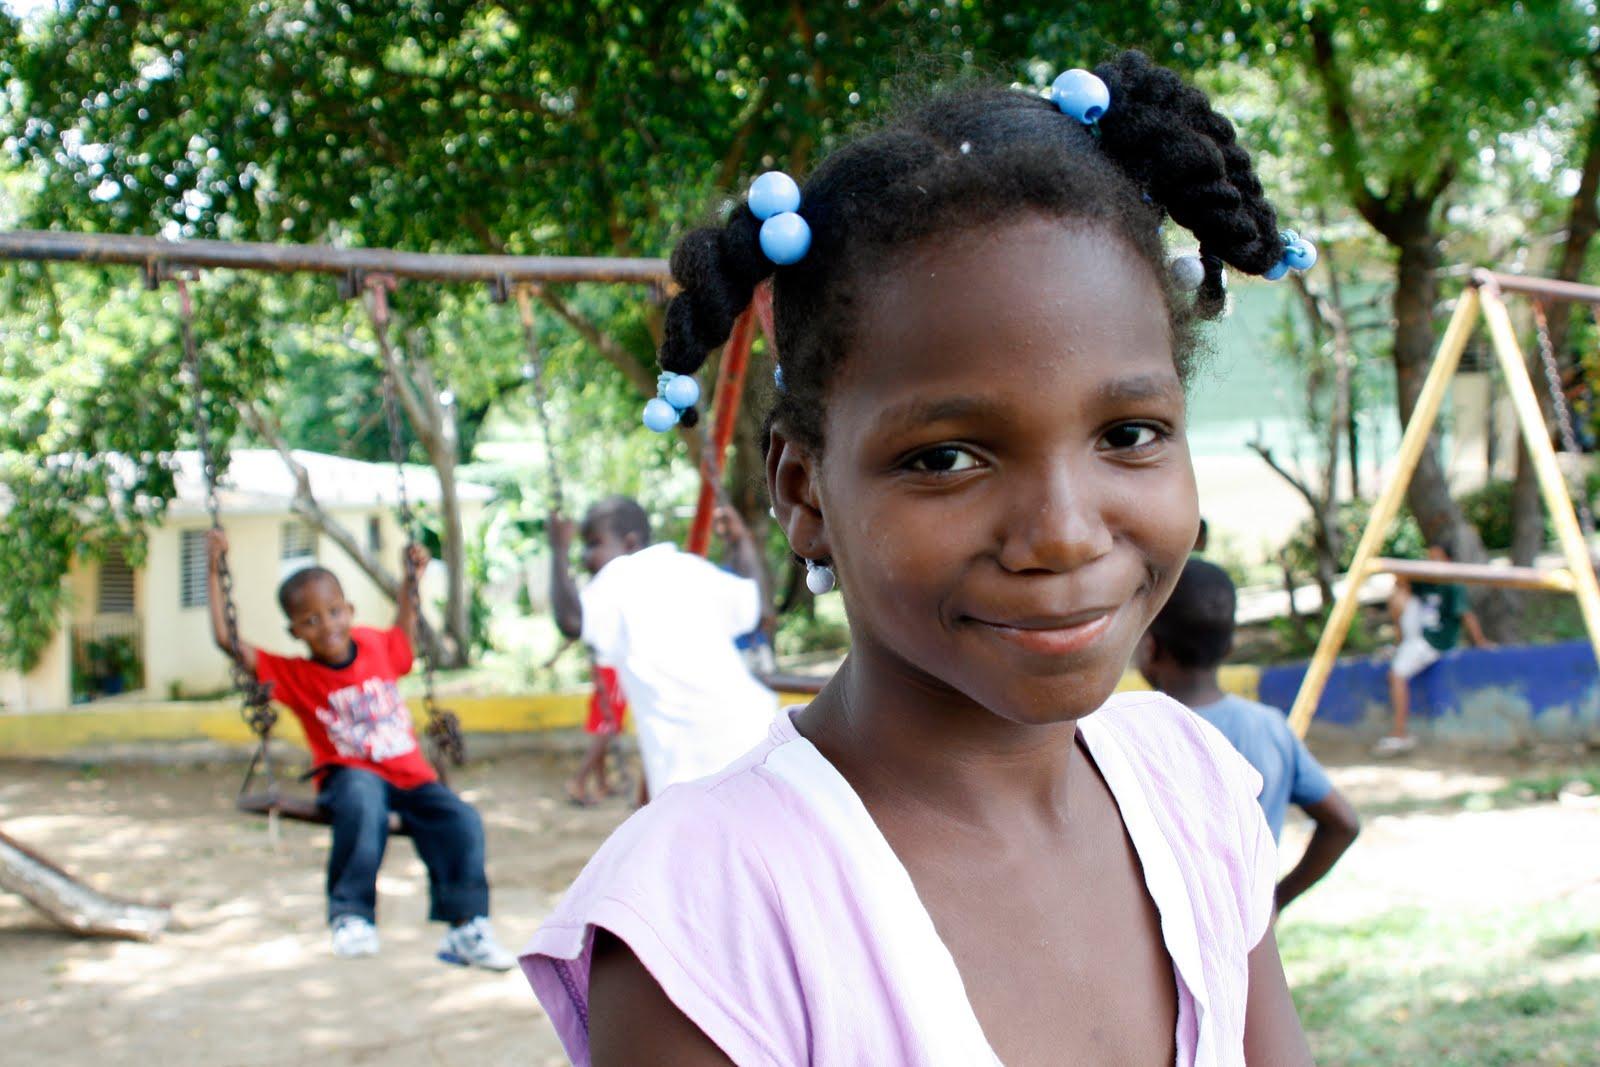 Haiti girls celebrities photos 60